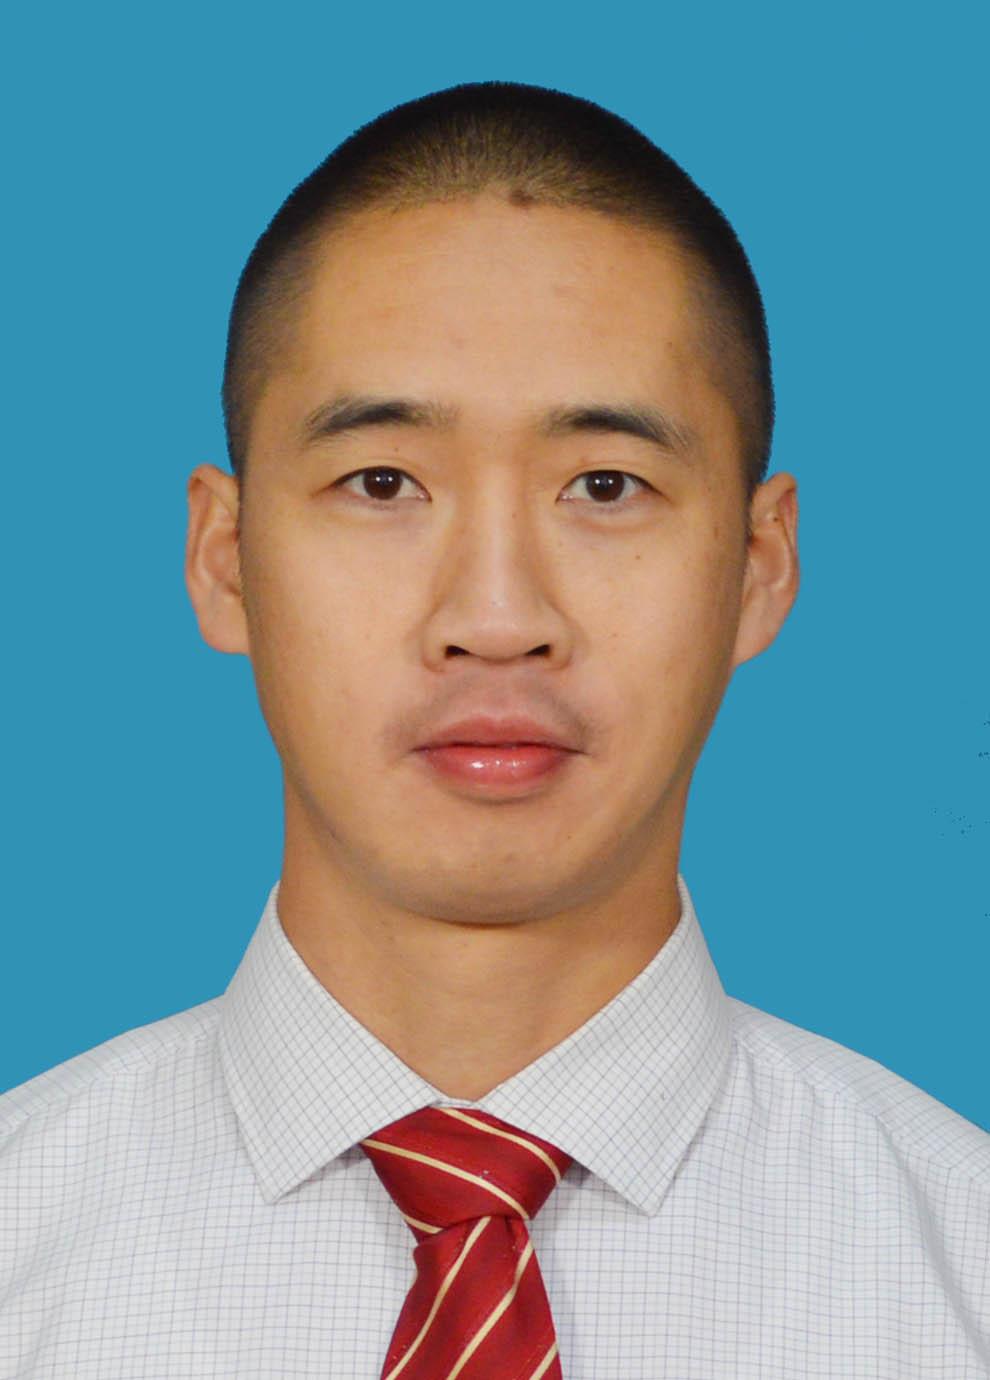 凌湘红律师信息_凌湘红律师个人案例 - 律师百科网